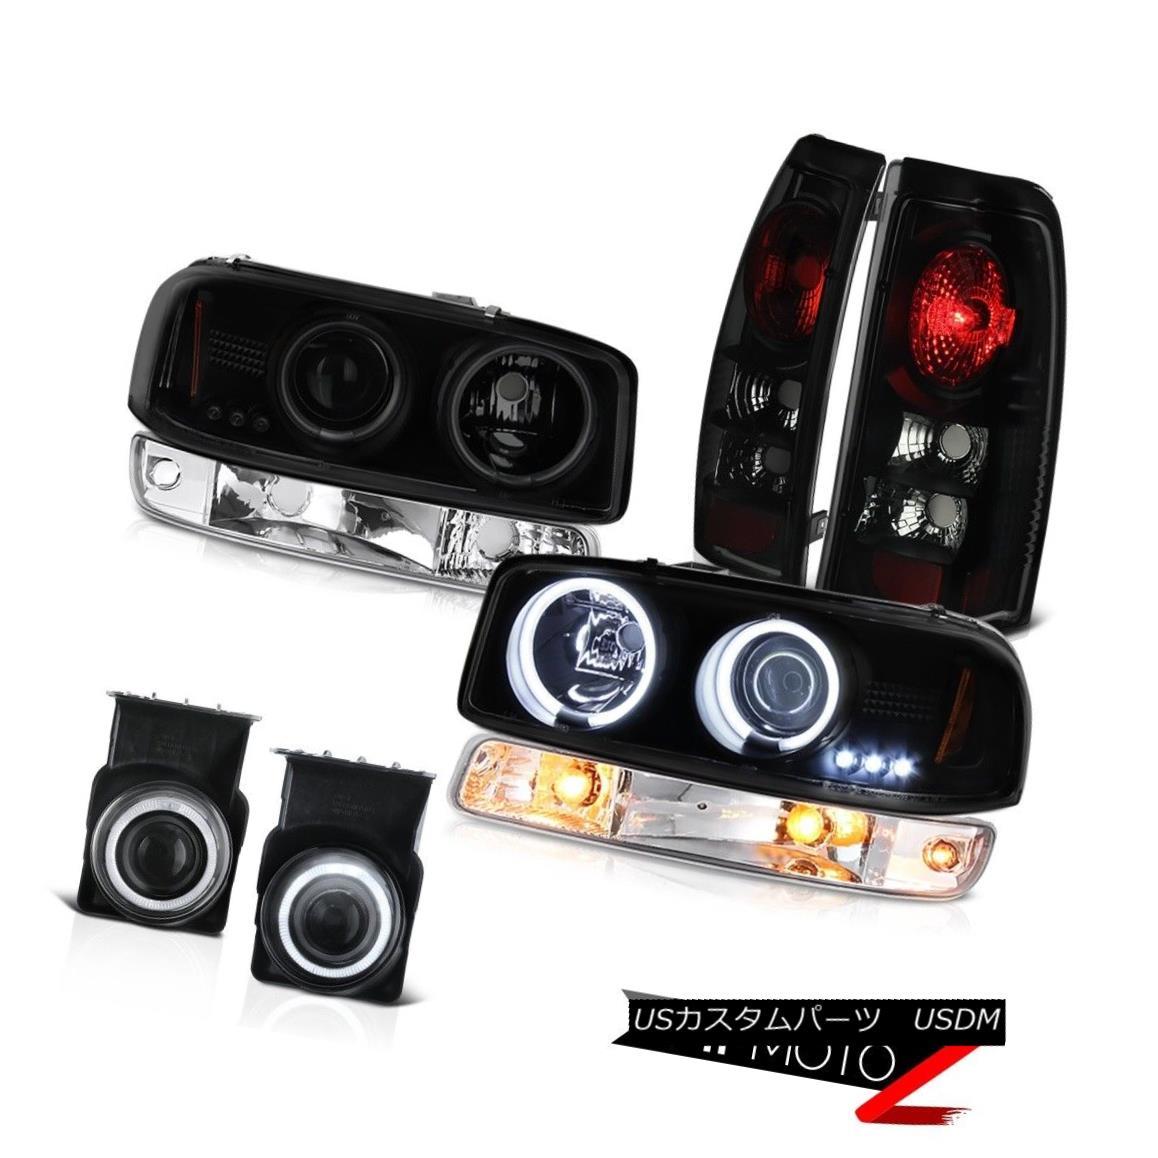 テールライト 2003-2006 Sierra SL Fog lights rear brake lamps parking lamp ccfl headlamps LED 2003-2006シエラSLフォグライトリアブレーキランプパーキングランプccflヘッドライトLED